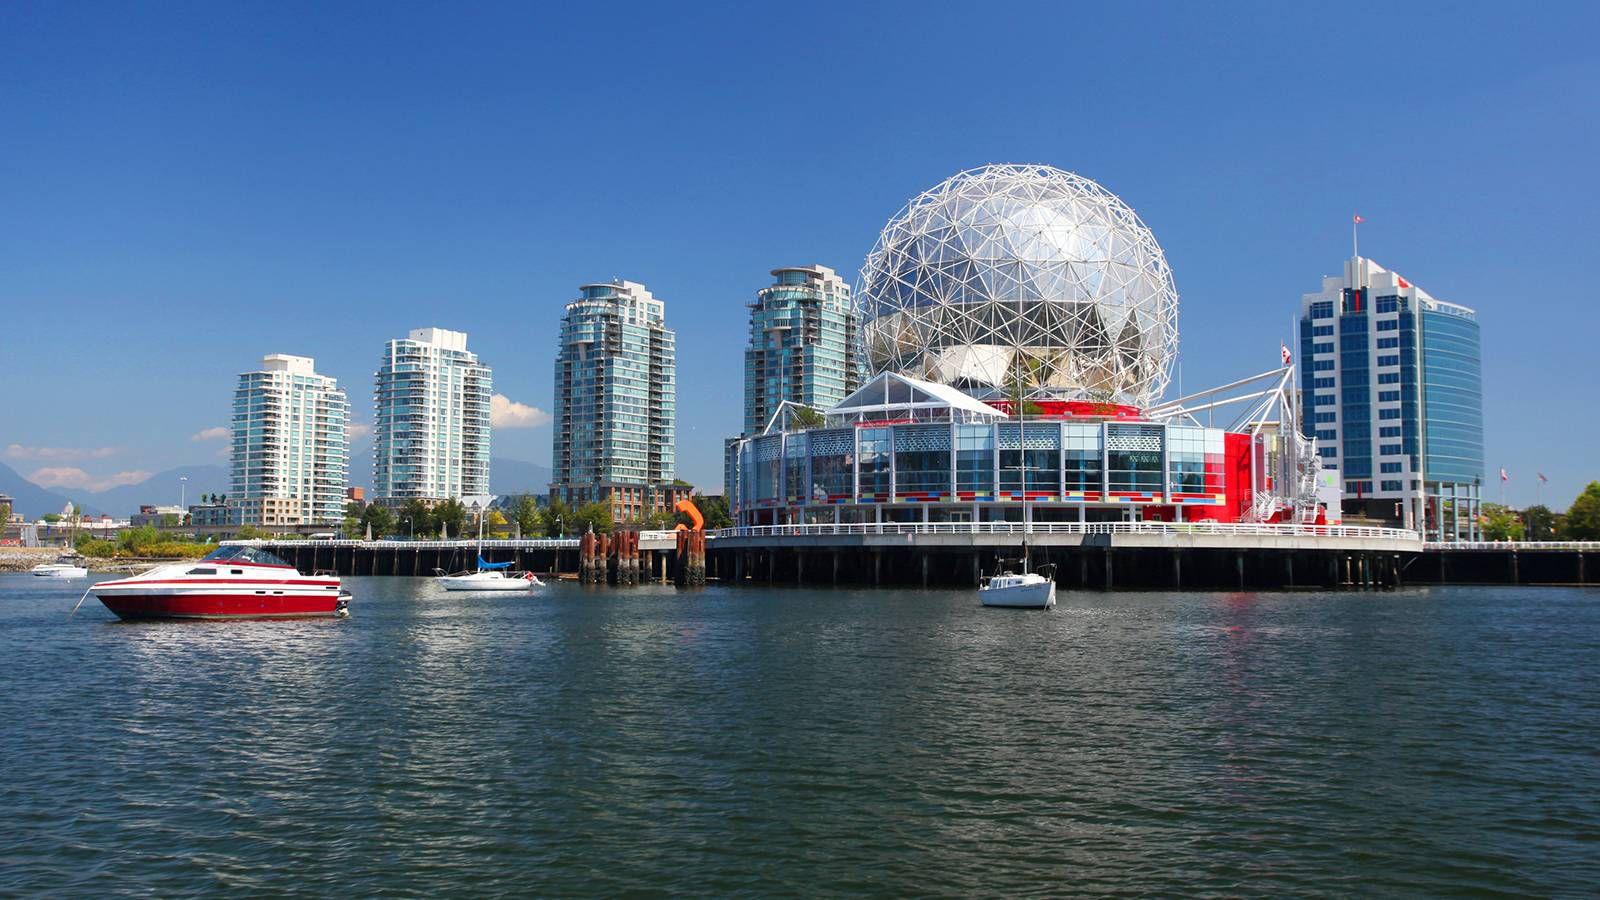 بهترین شهرهای کانادا برای مهاجرت